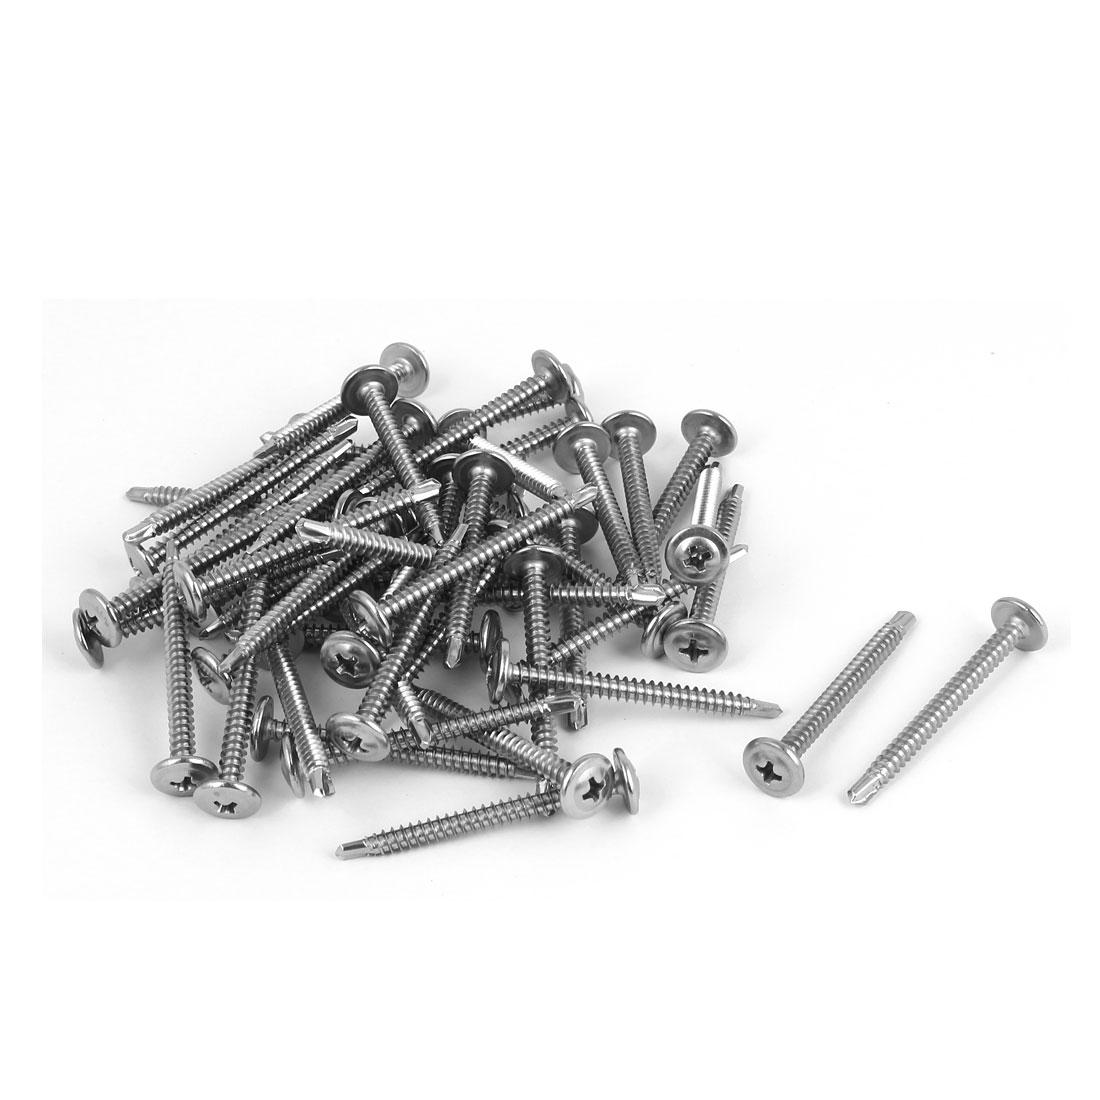 M4.2 x 45mm #8 Male Thread Stainless Steel Self Drilling Flat Head Screws 50 Pcs